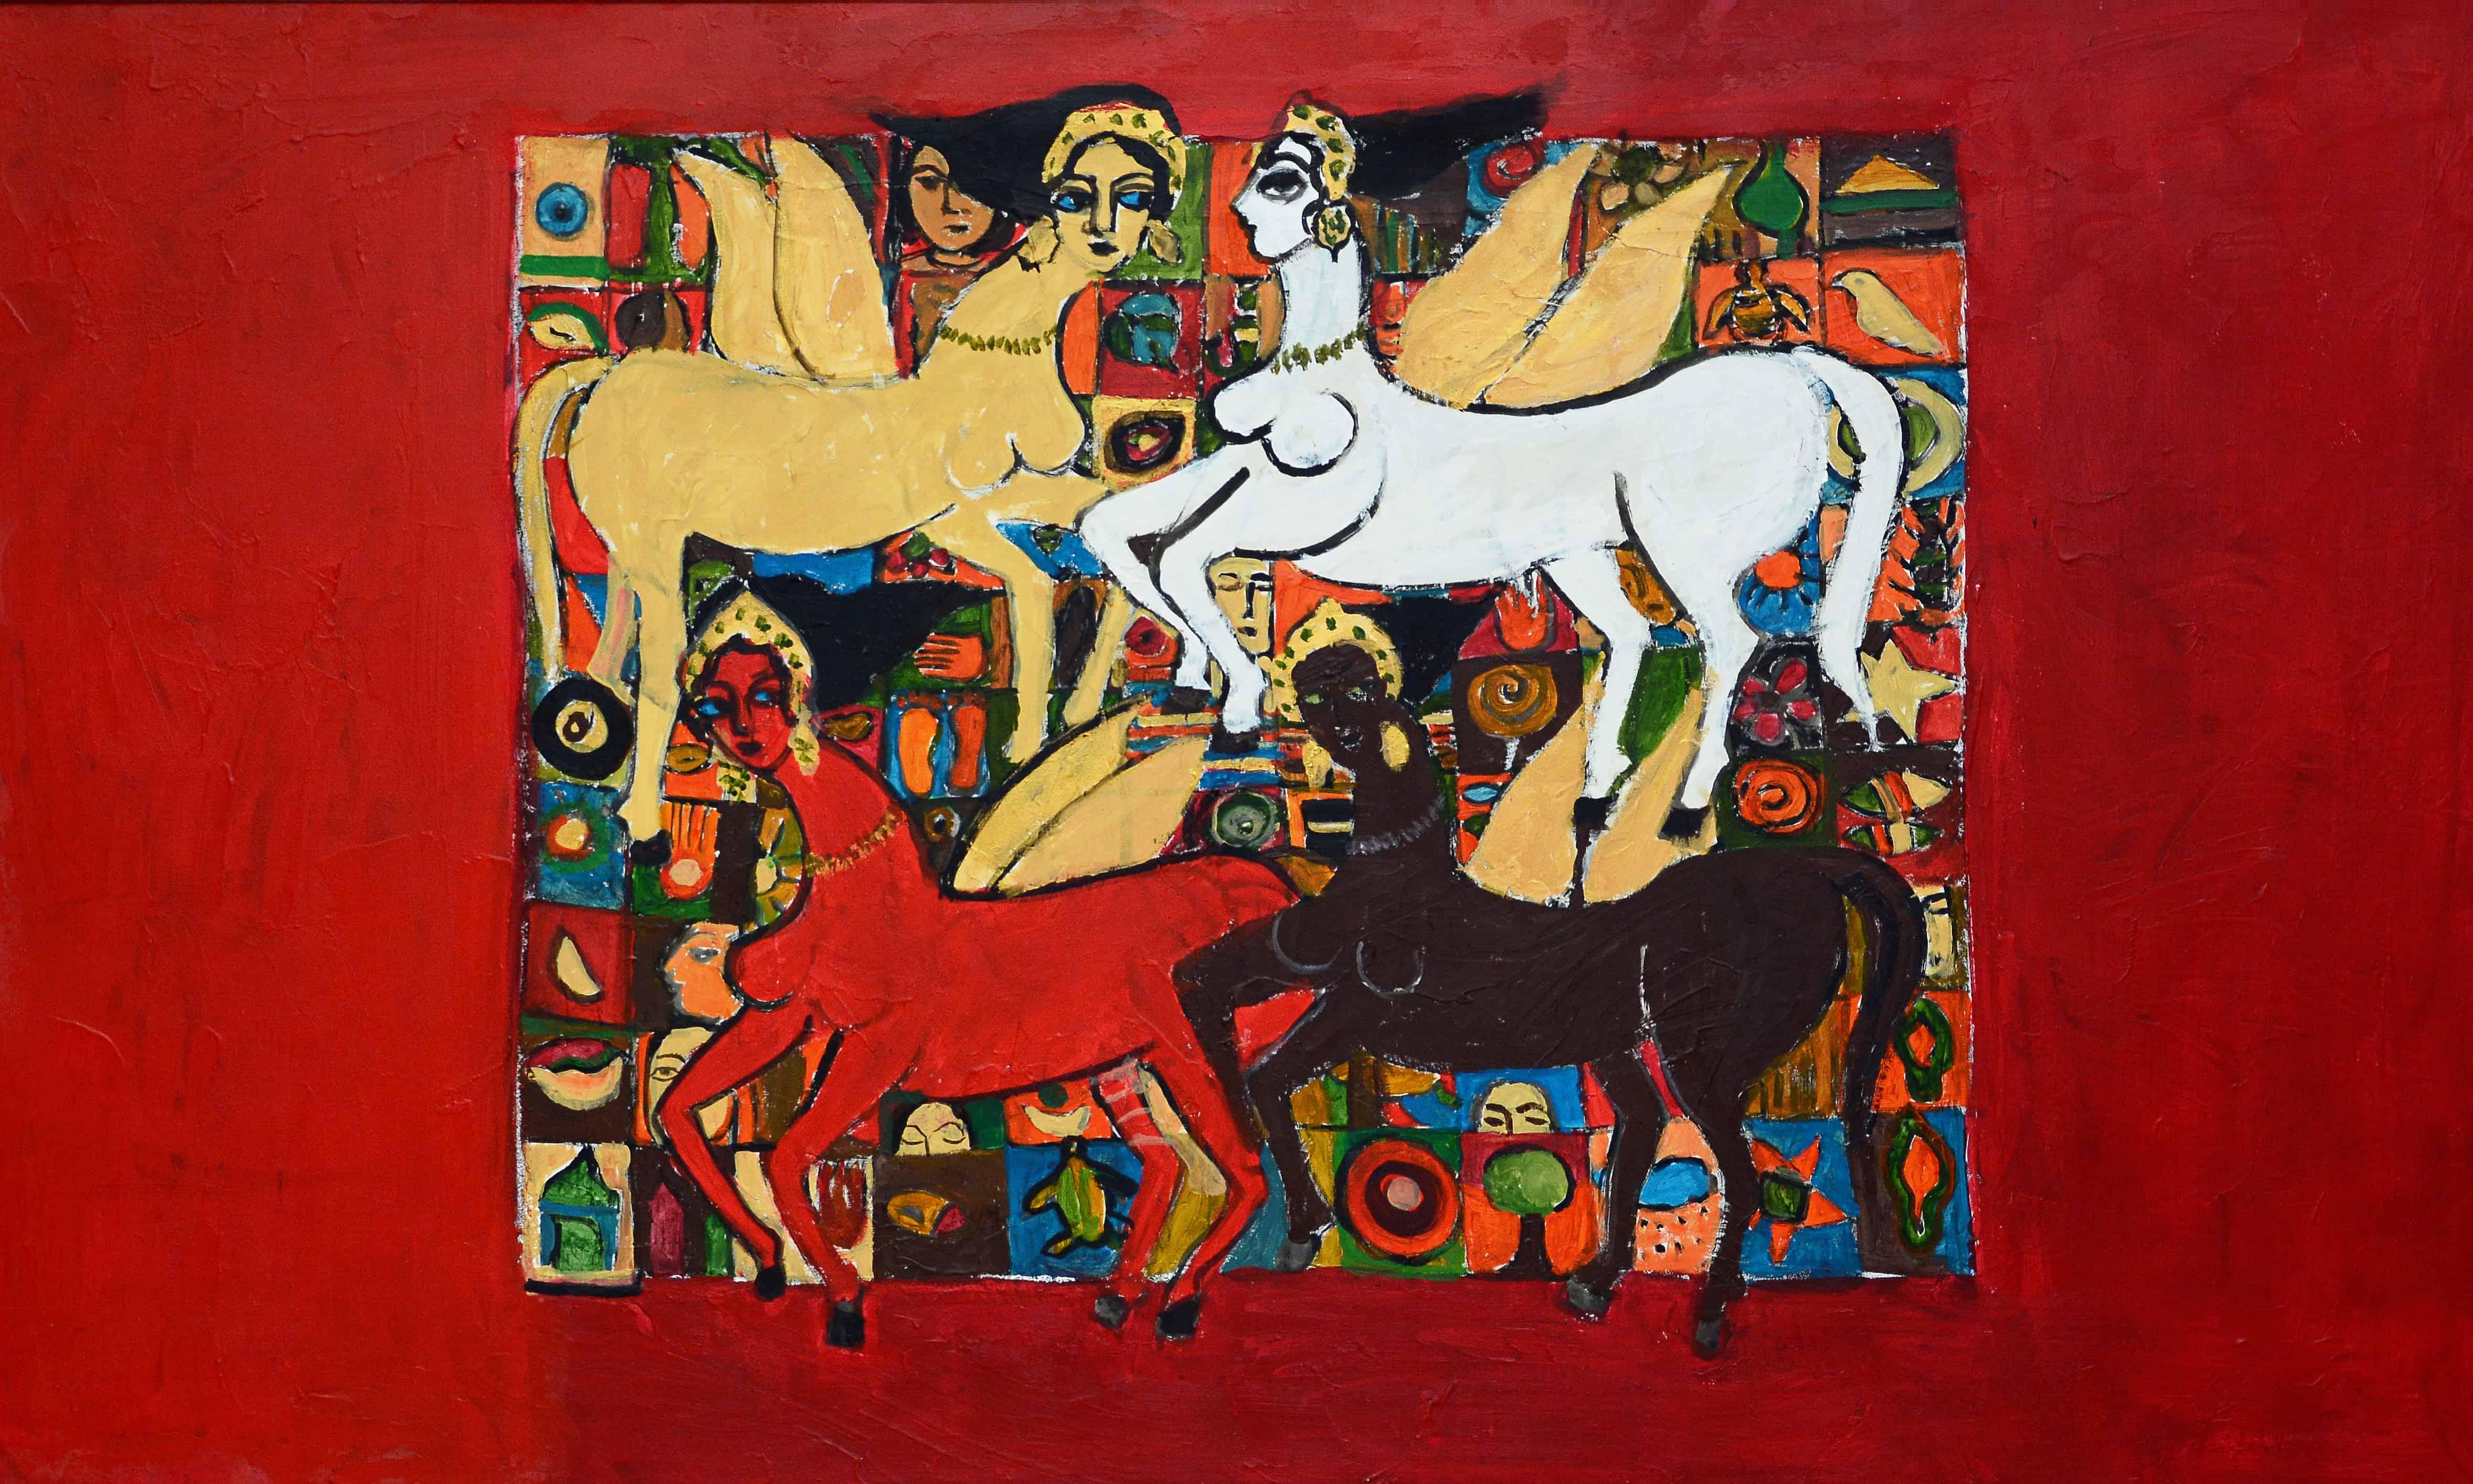 Acrylic Painting by Pakistani Artist Nahid Raza Size 36 x 60